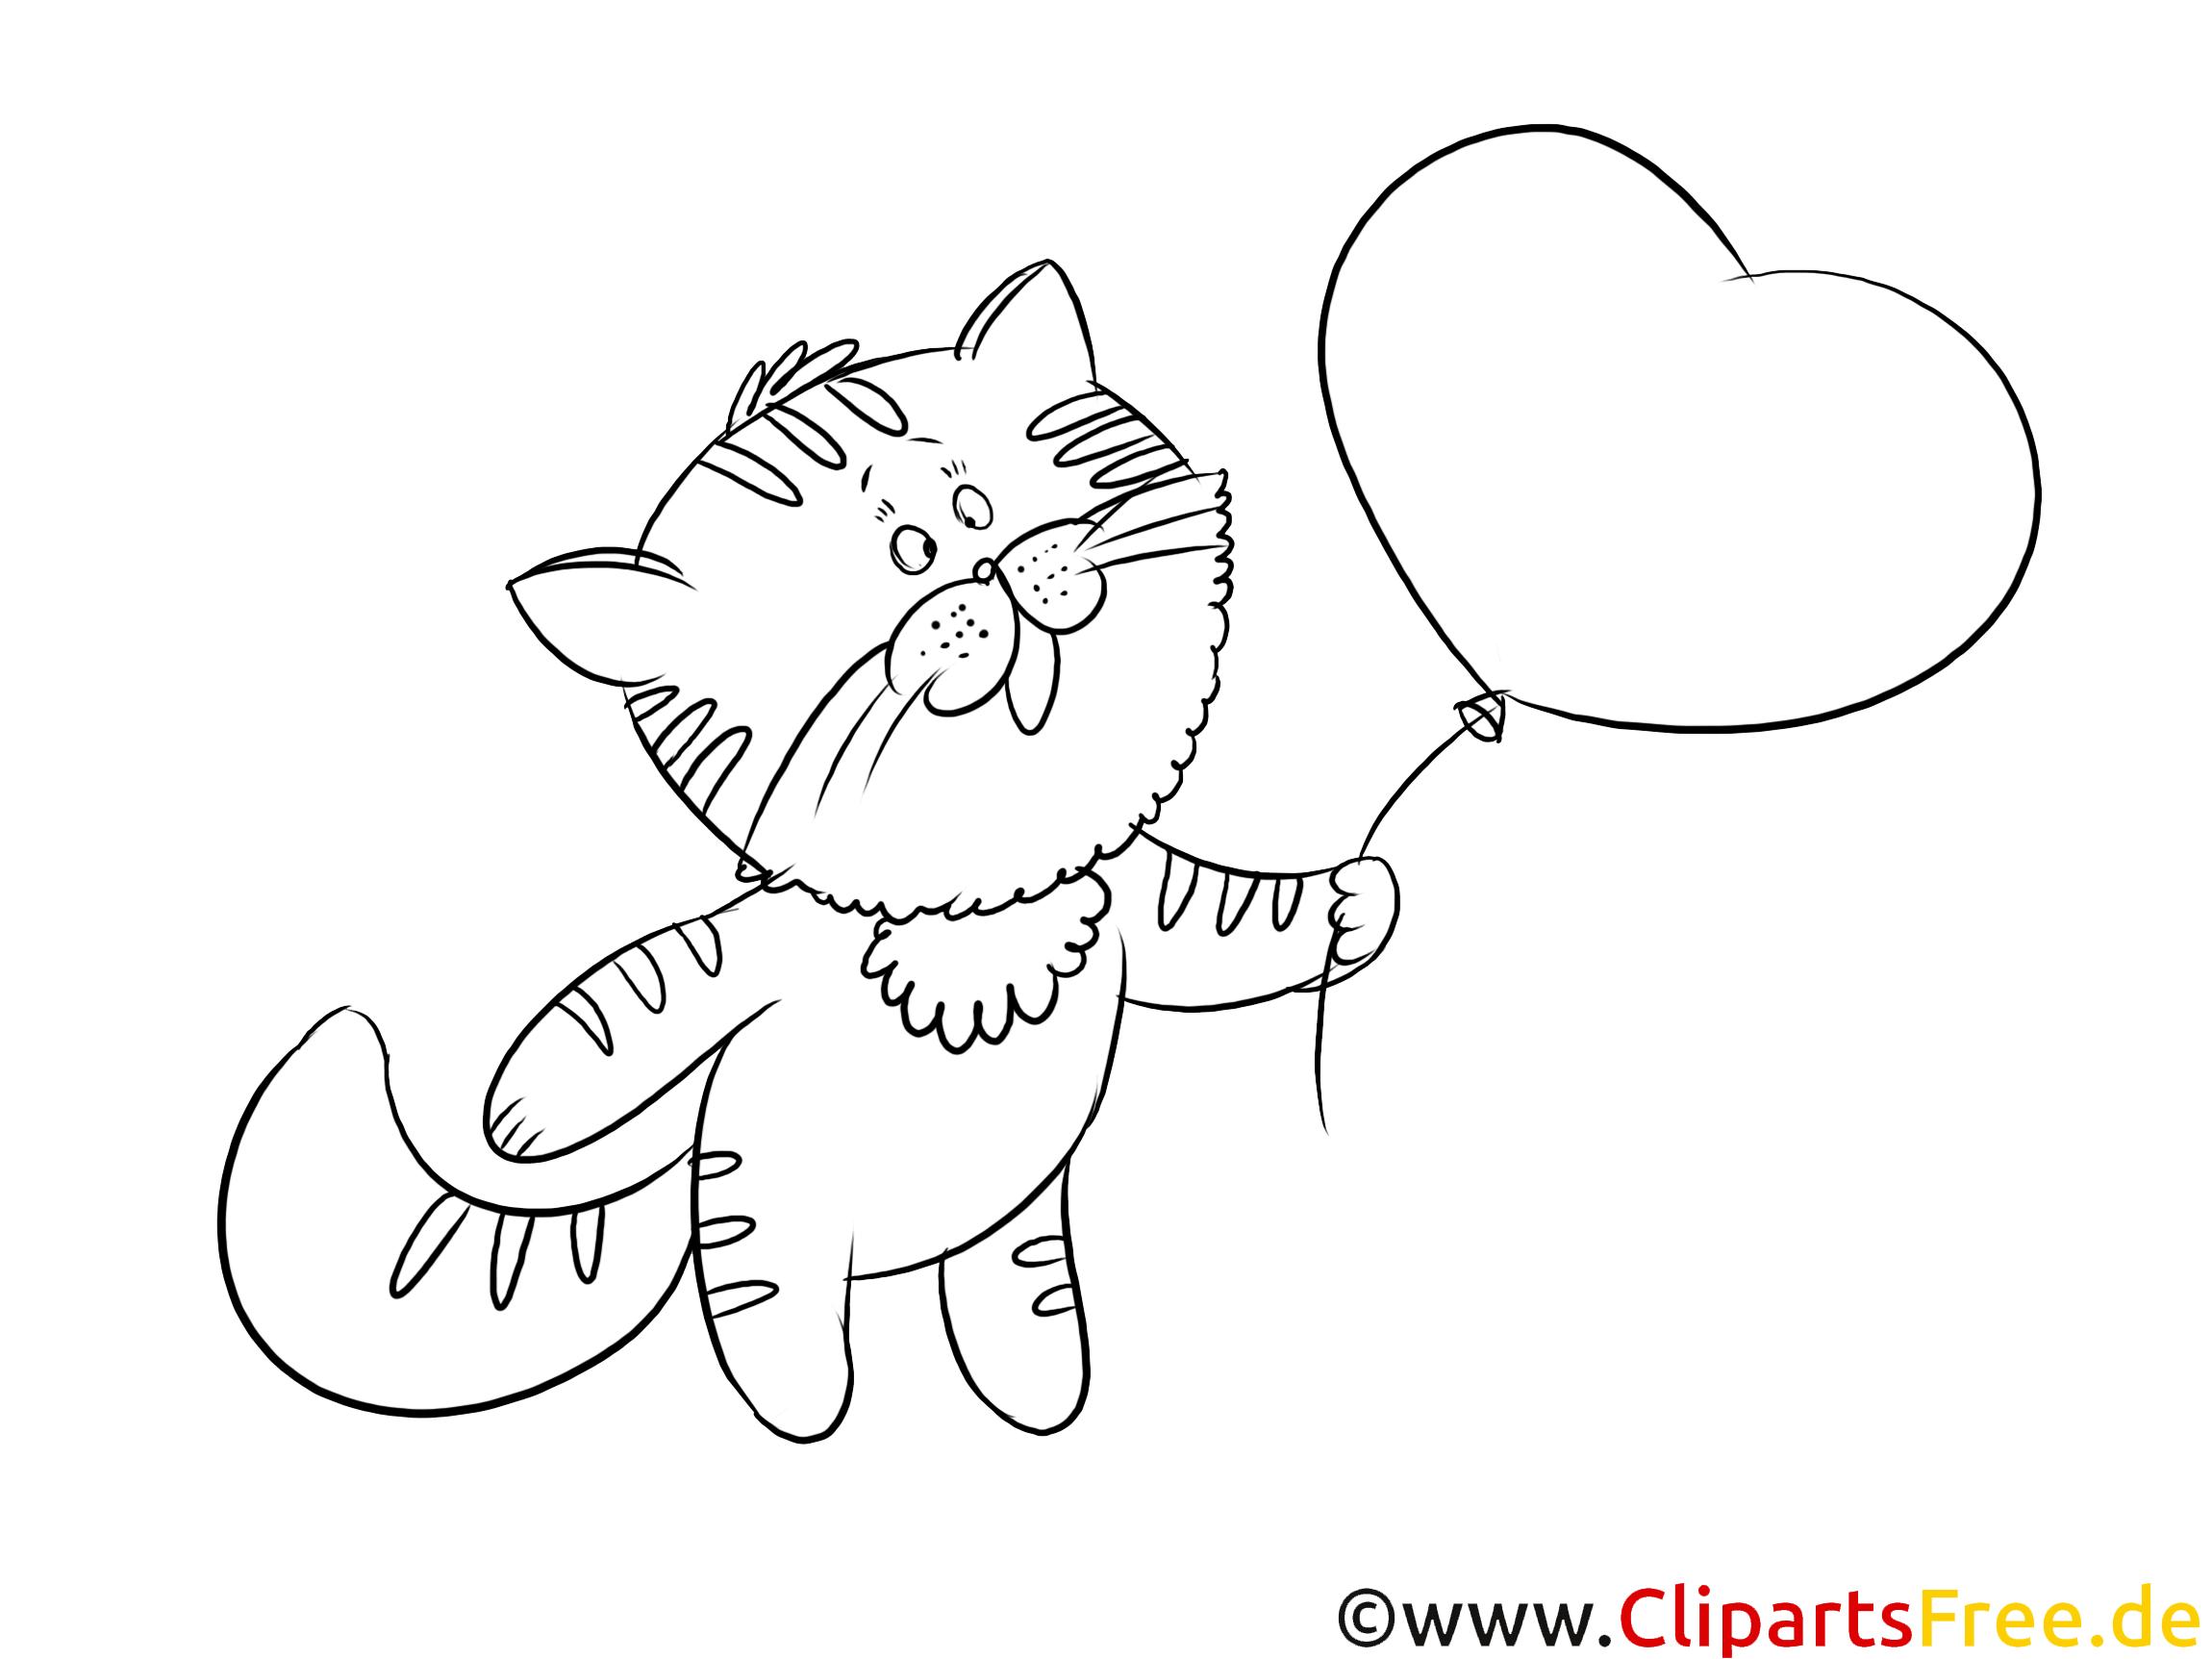 Zeichnung Kater mit Herz-Luftballon zum Drucken